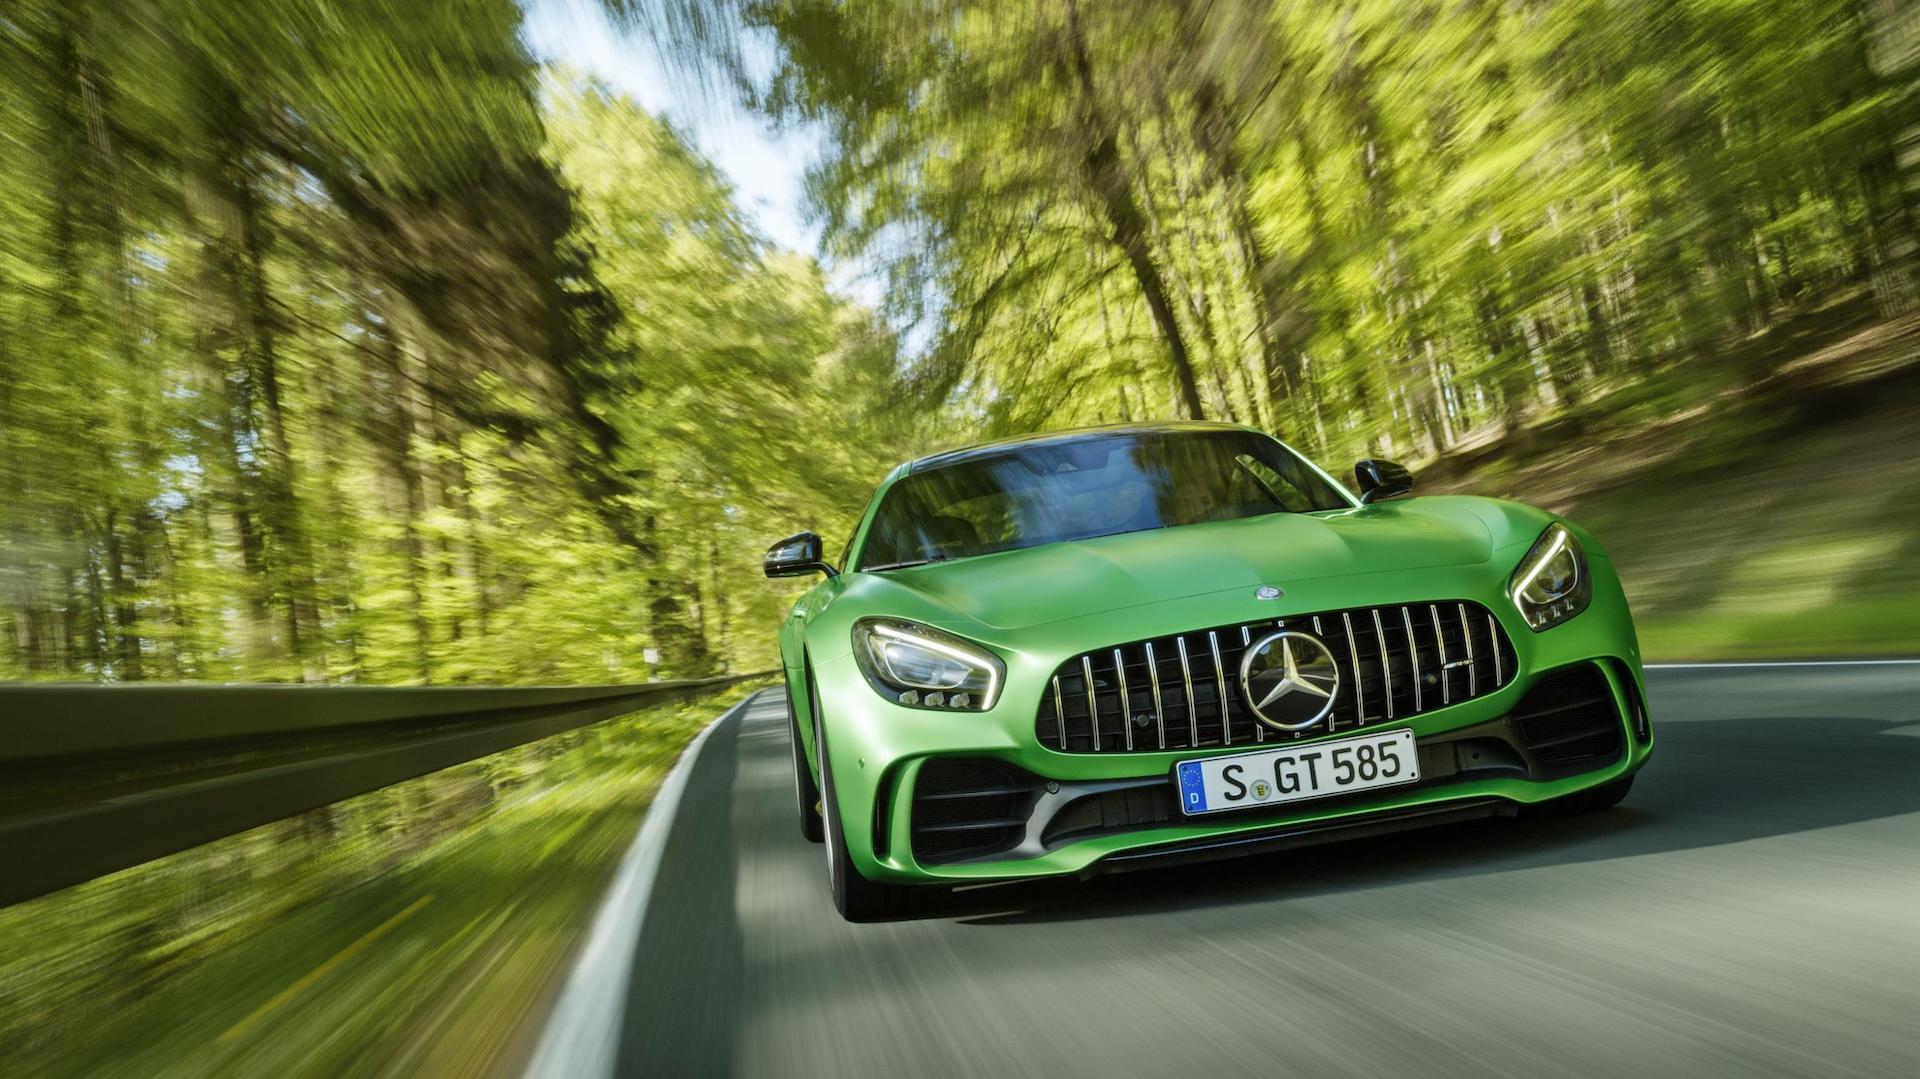 El nuevo Mercedes-AMG GT R: V8 biturbo, 585 CV y velocidad máxima de casi 320 km/h